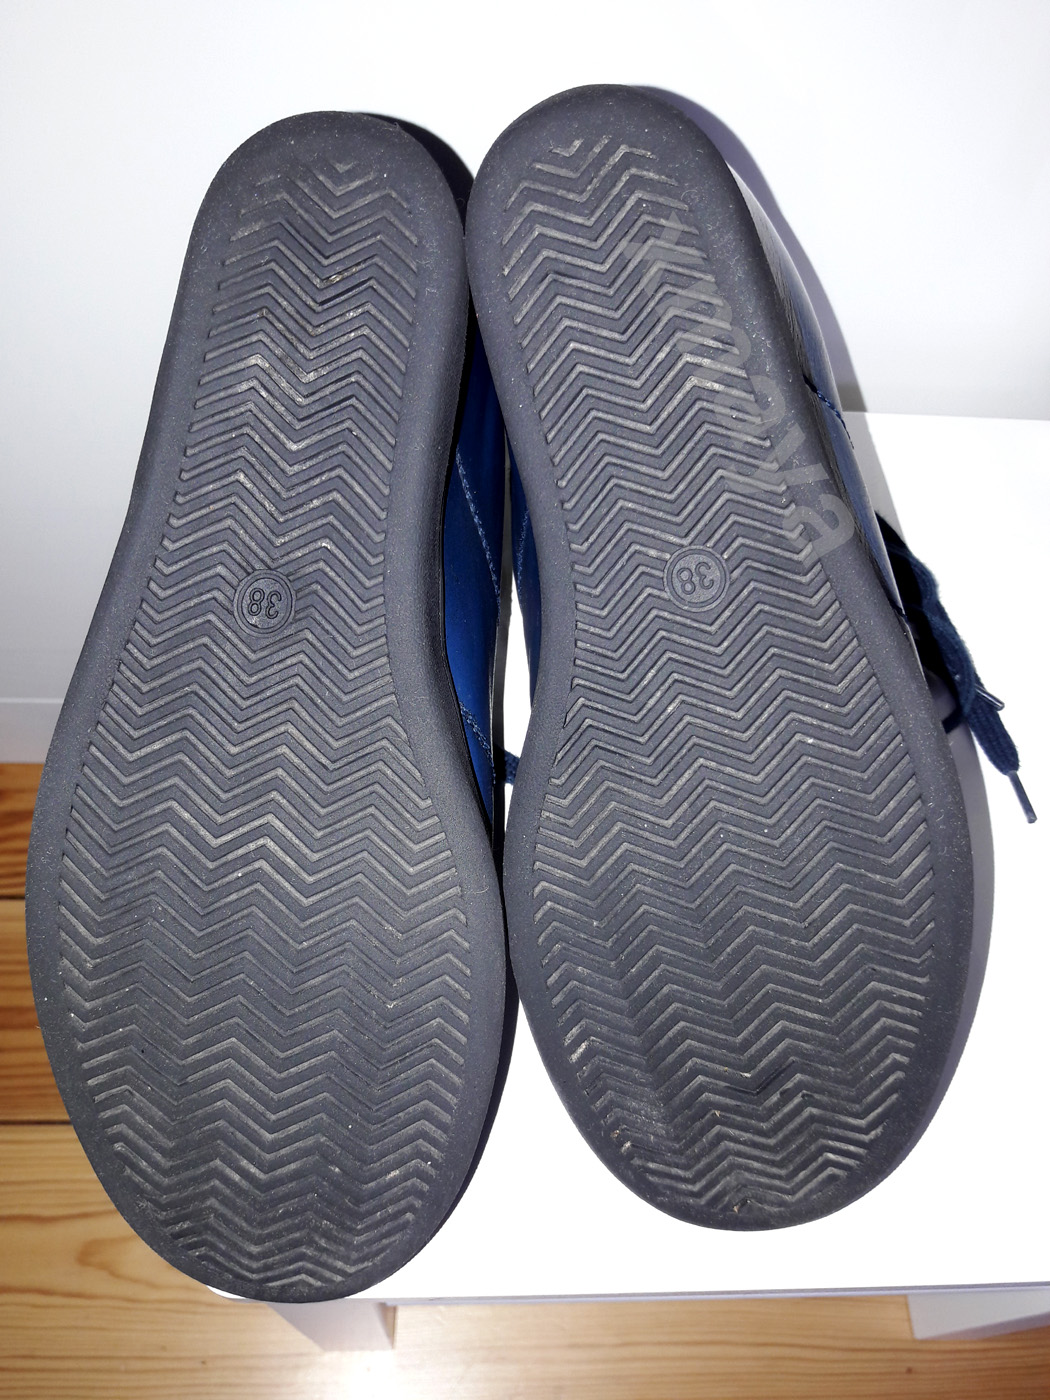 6b5cd546 KAZAR sneakersy trzewiki trampki skóra 38 - 7176241205 - oficjalne ...